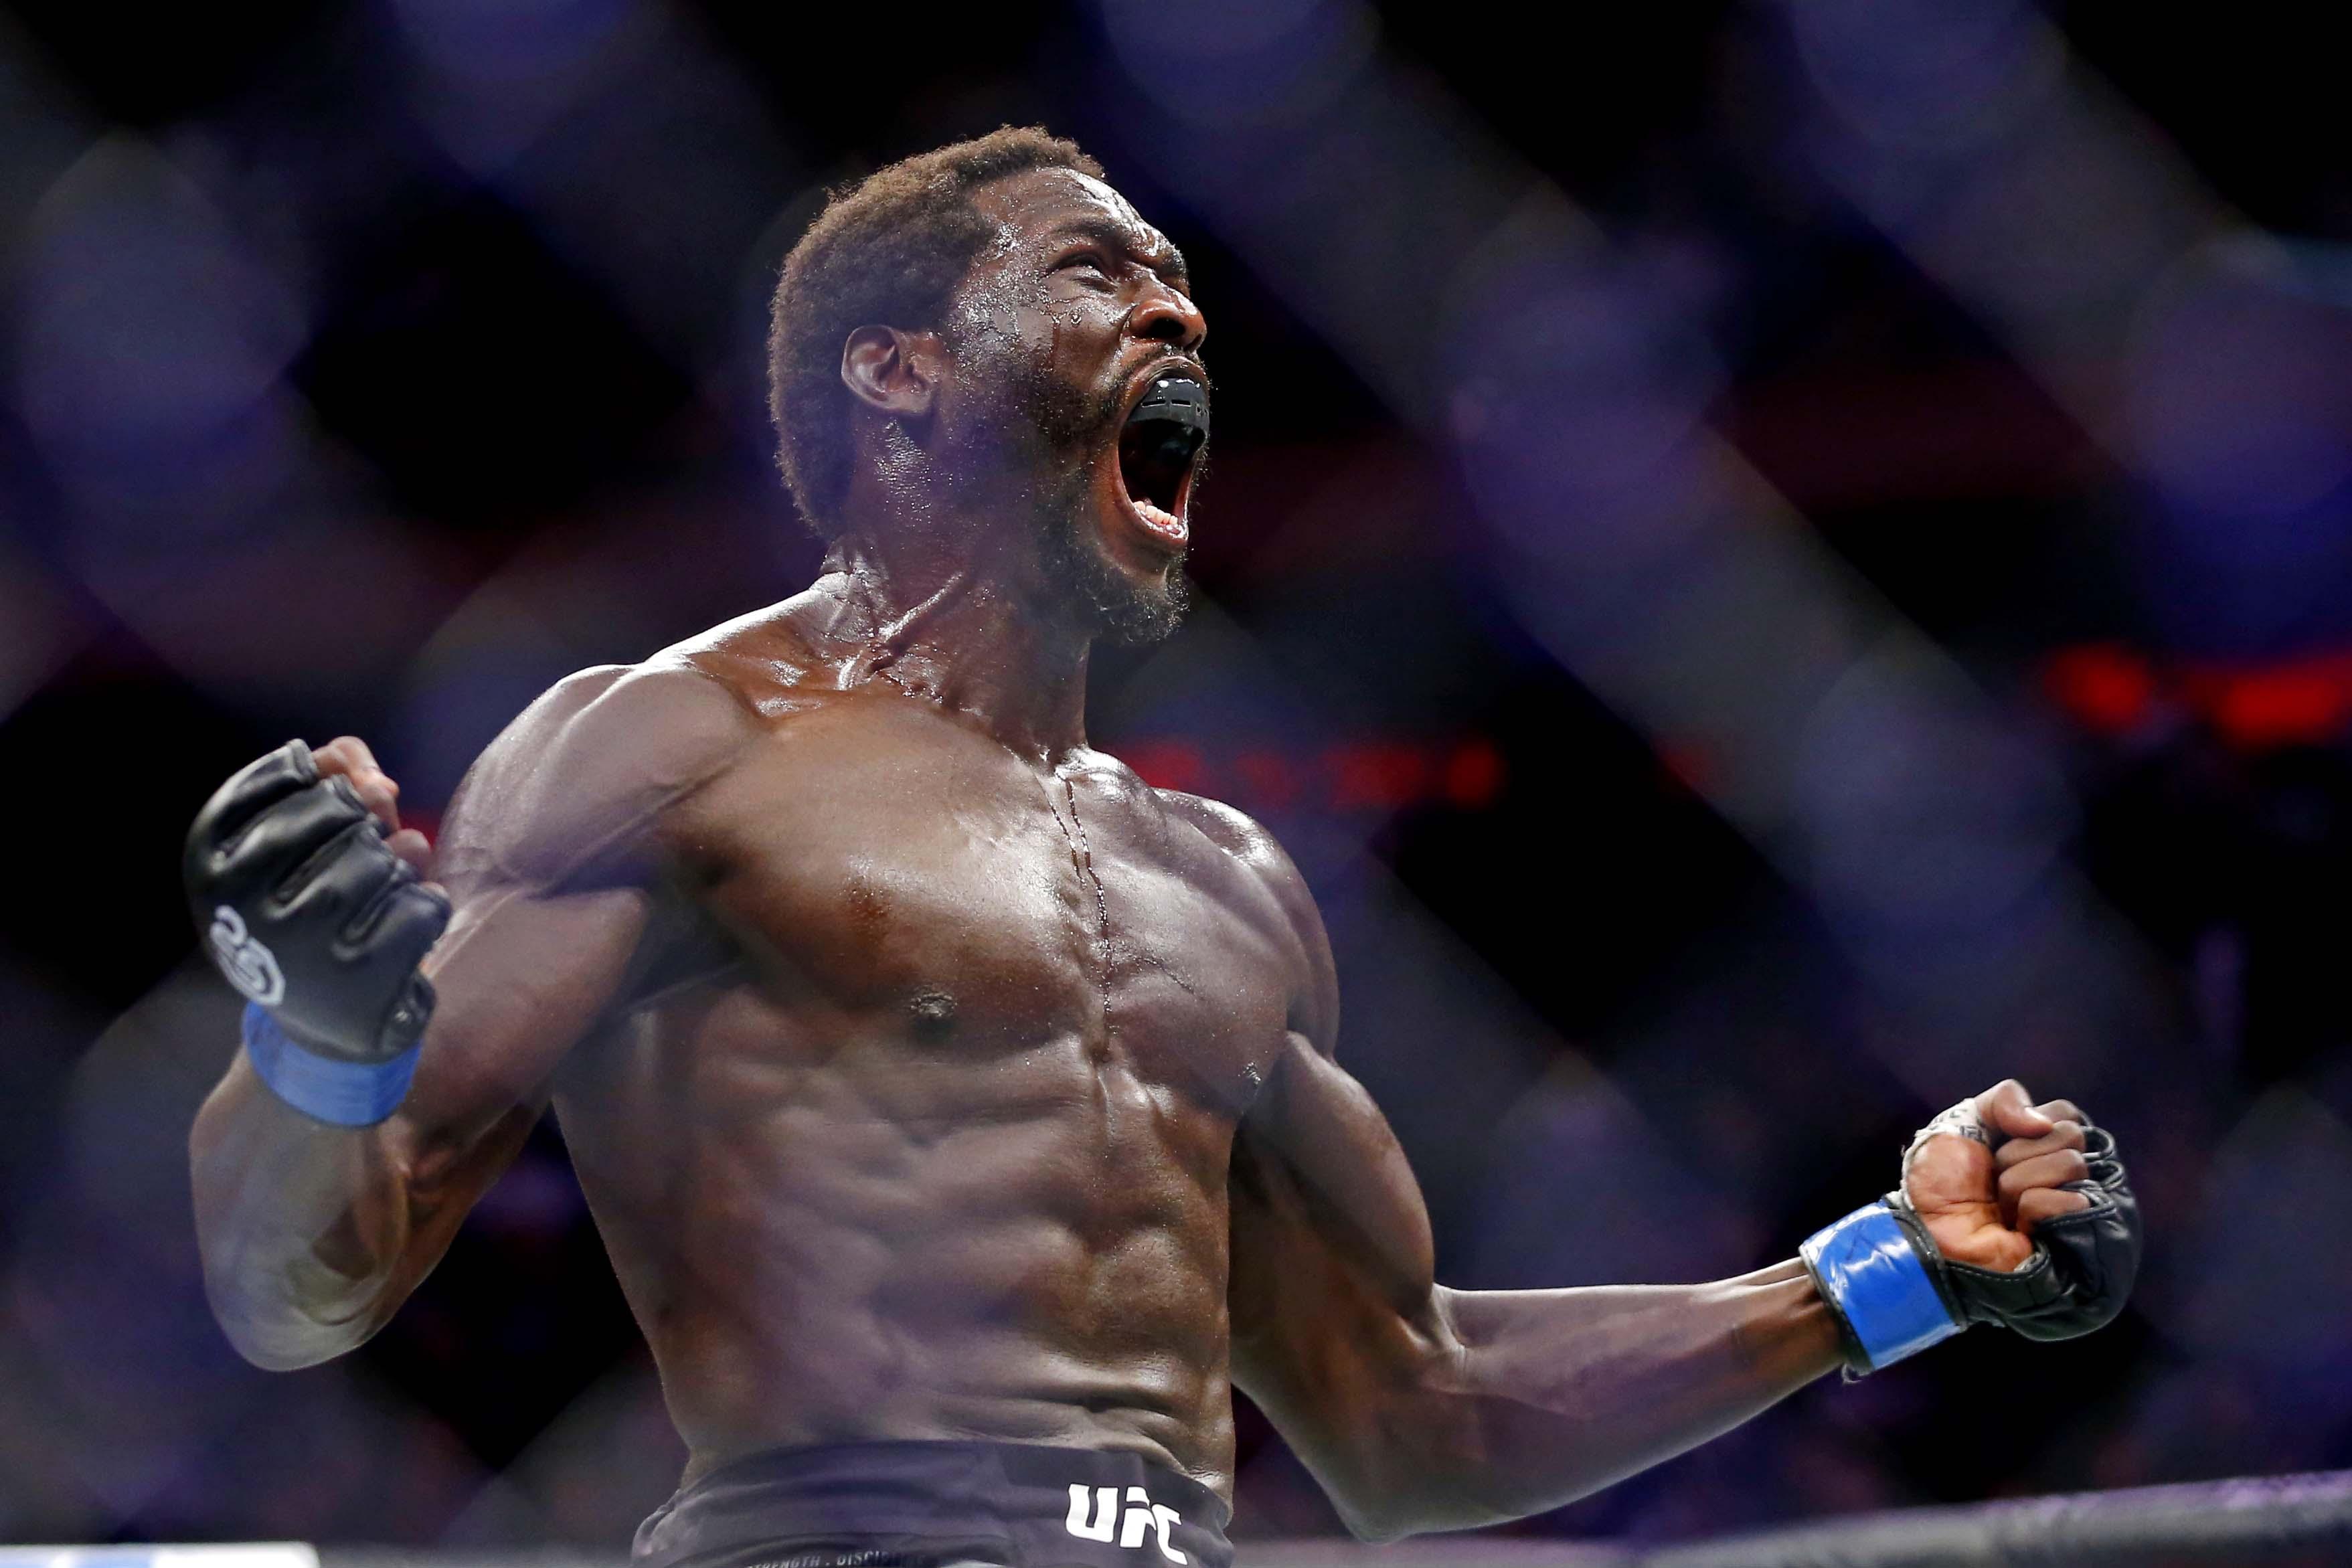 MMA: UFC 230 - Branch vs Cannonier